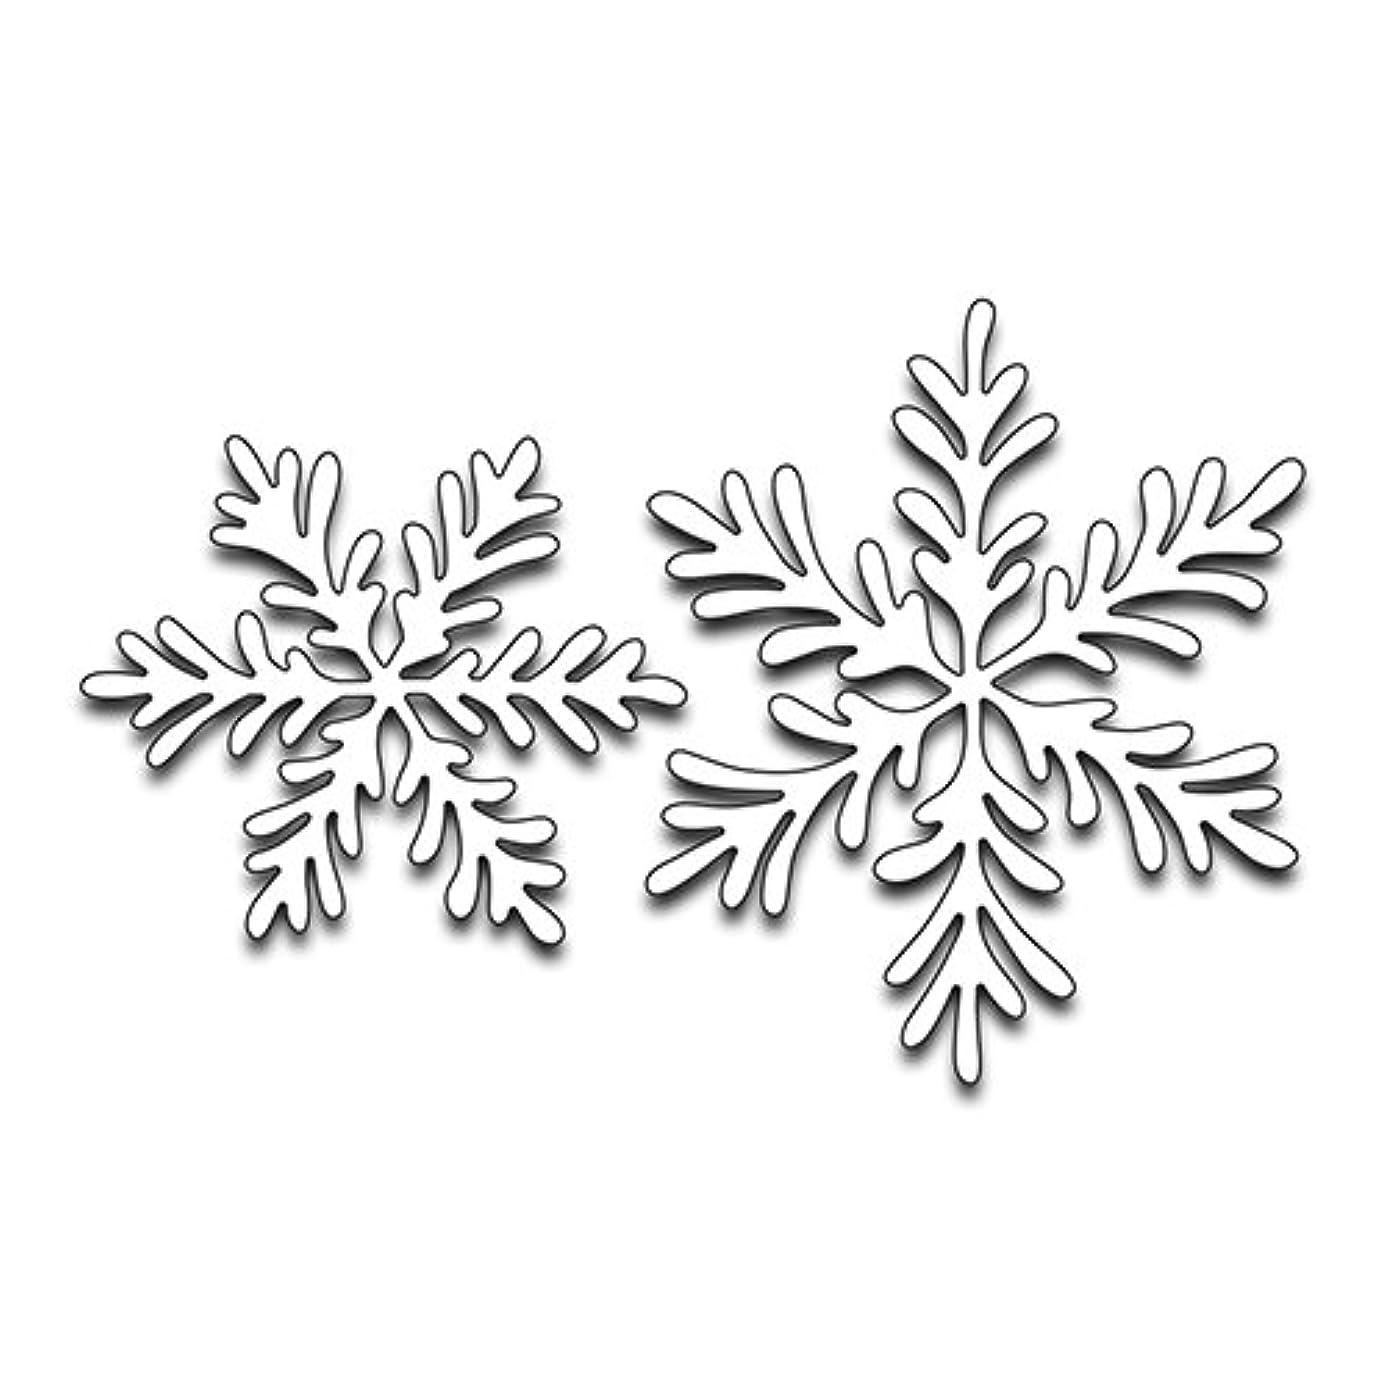 Penny Black Creative Metal die, 51-274,Snowflake Duo